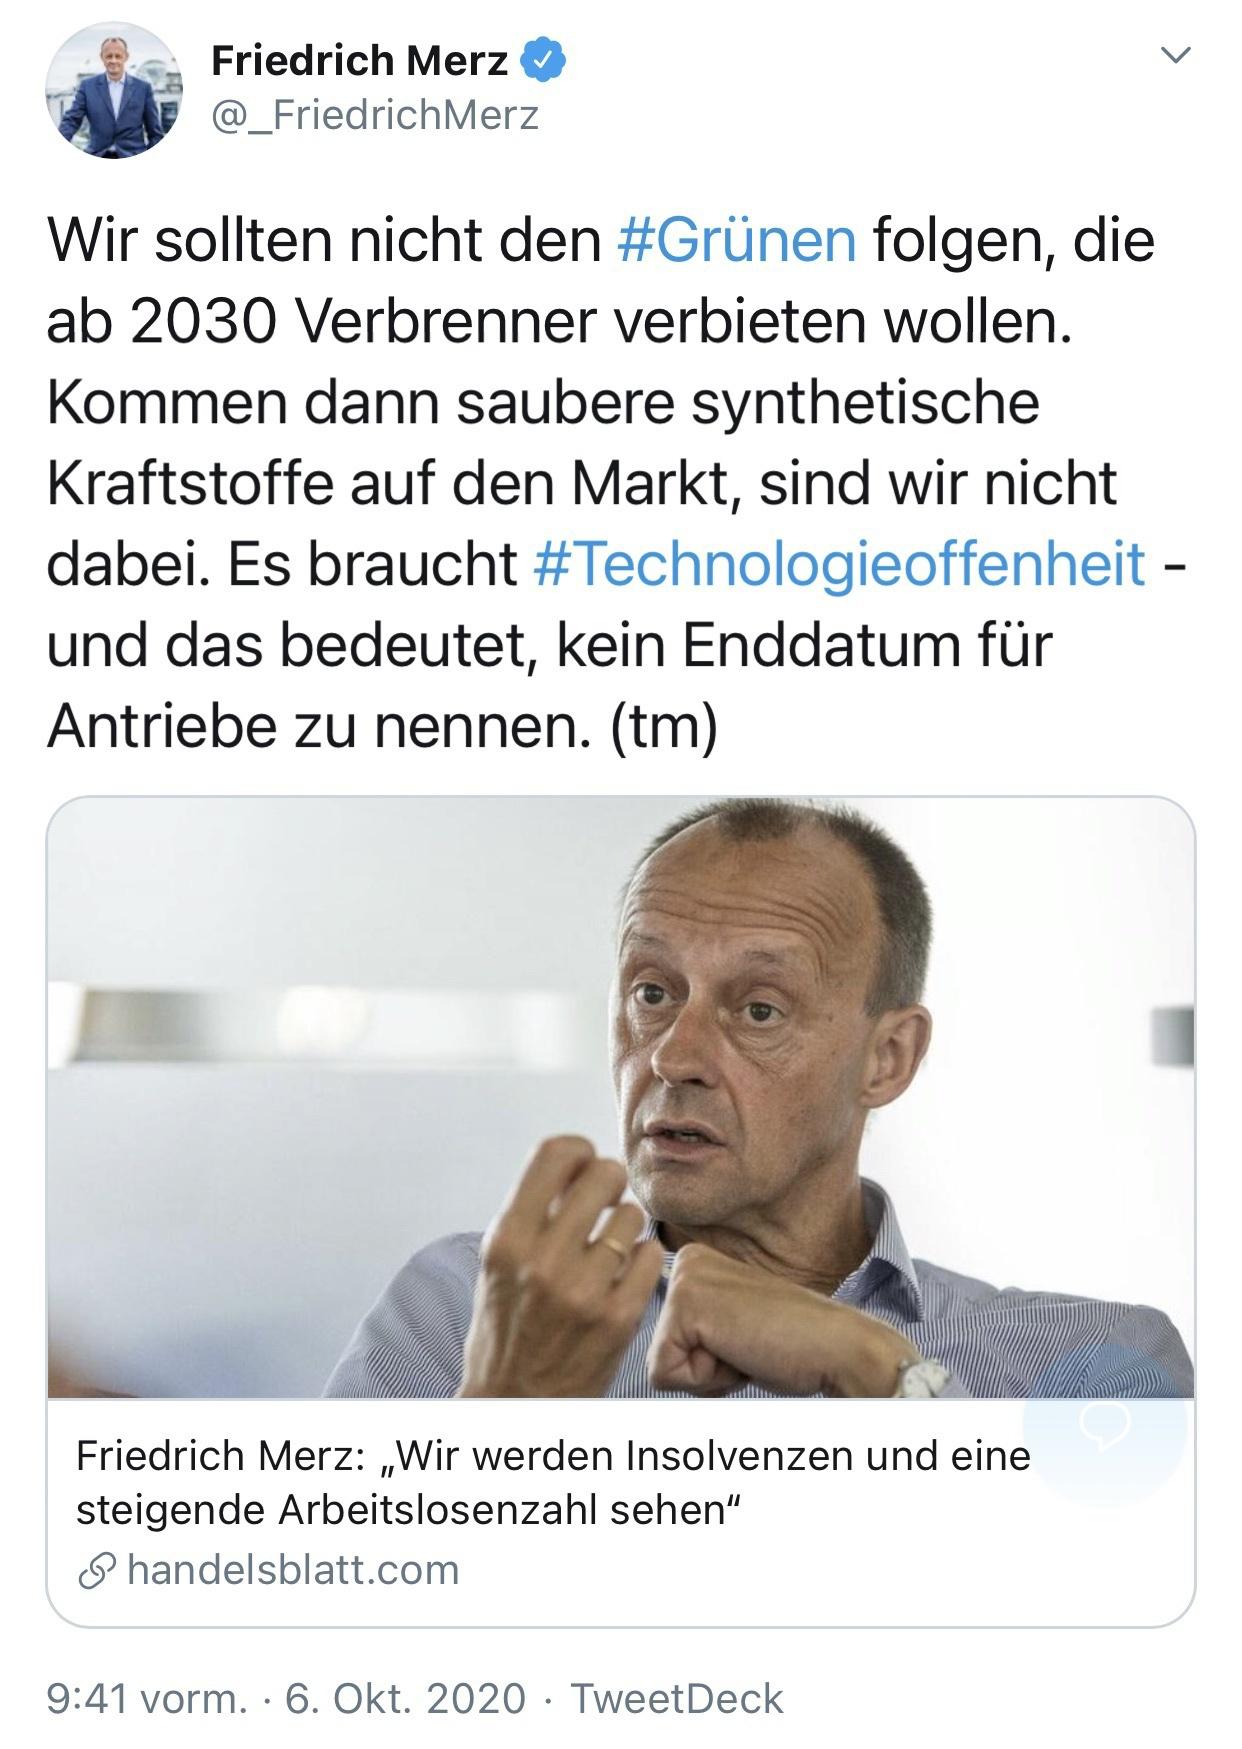 Tweet von Friedrich Merz: Wir sollten nicht den #Grünen folgen, die ab 2030 Verbrenner verbieten wollen. Kommen dann saubere synthetische Kraftstoffe auf den Markt, sind wir nicht dabei. Es braucht #Technologieoffenheit - und das bedeutet, kein Enddatum für Antriebe zu nennen.